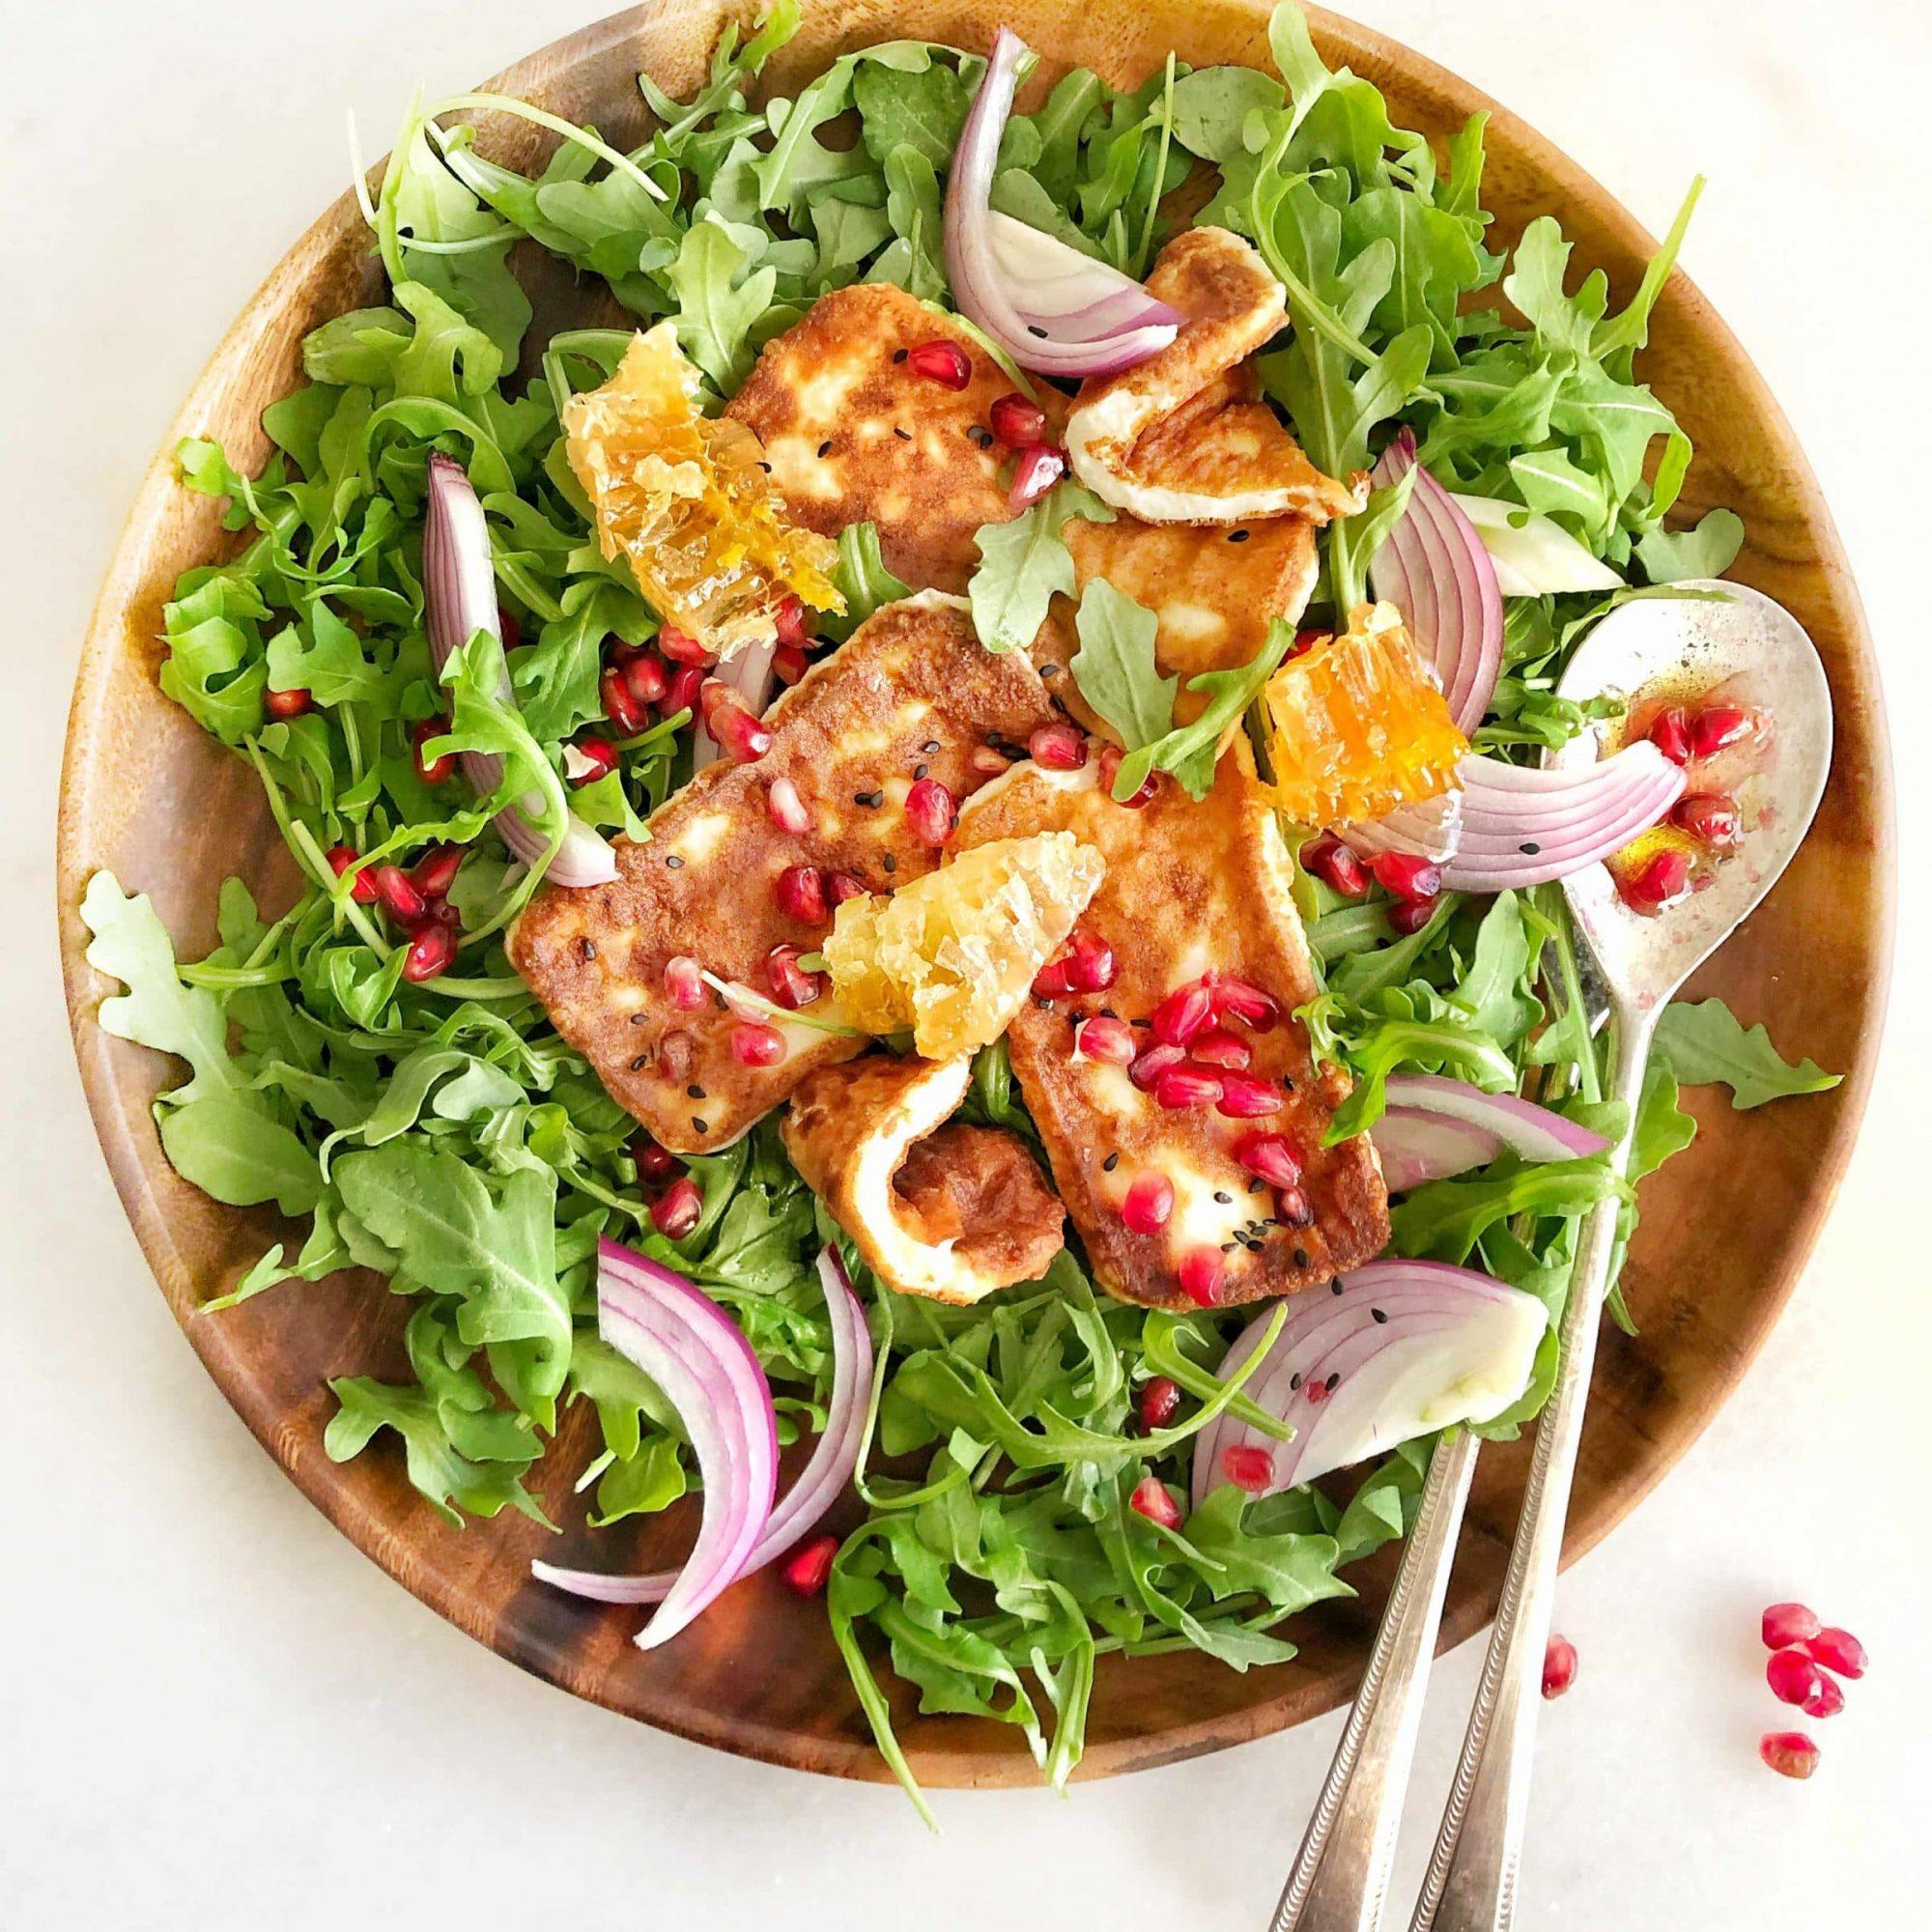 ziyad-arugula-salad-with-honeycomb-2